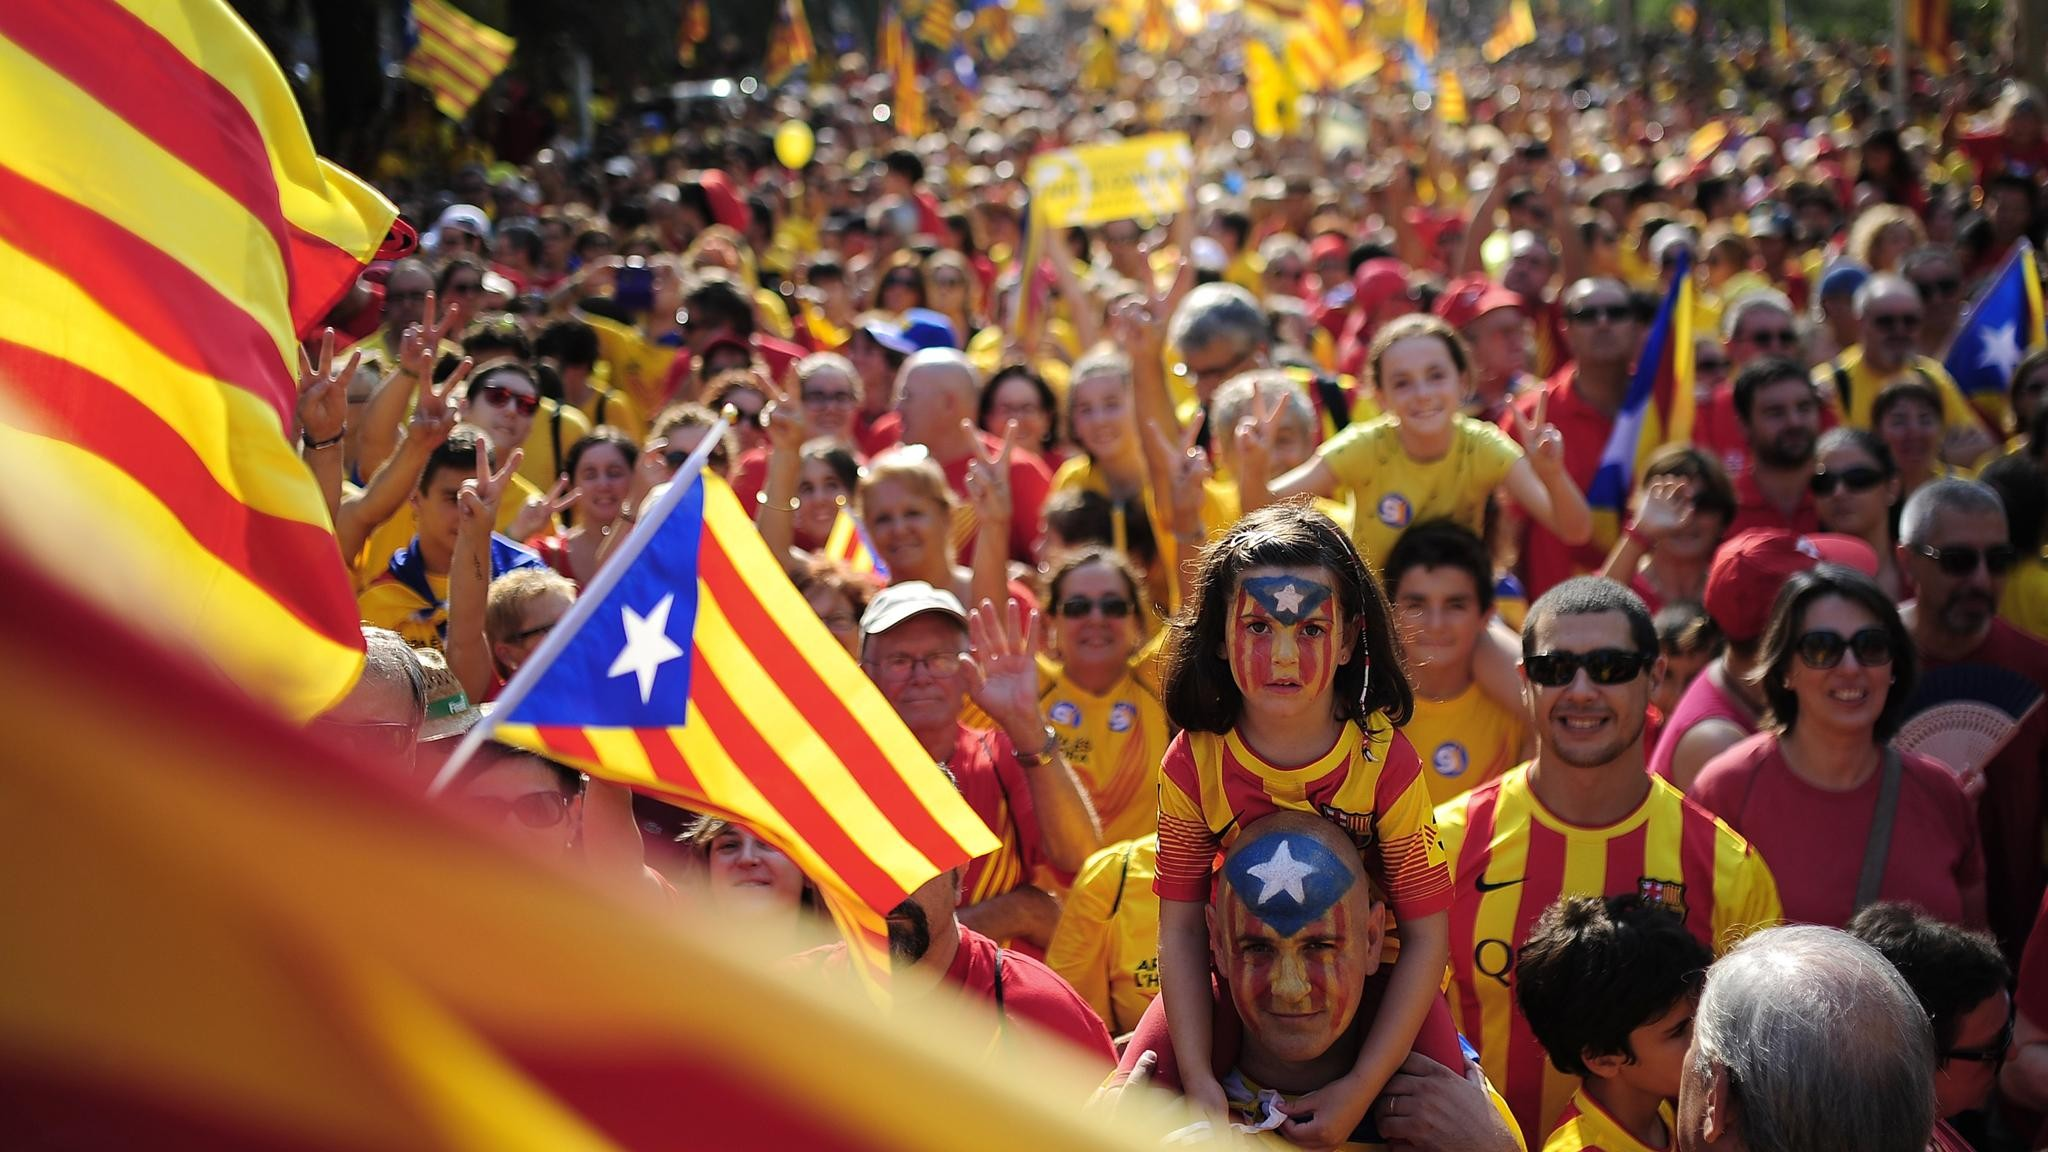 Мыостановим враждебные действия властей Каталонии— руководитель  МВД Испании